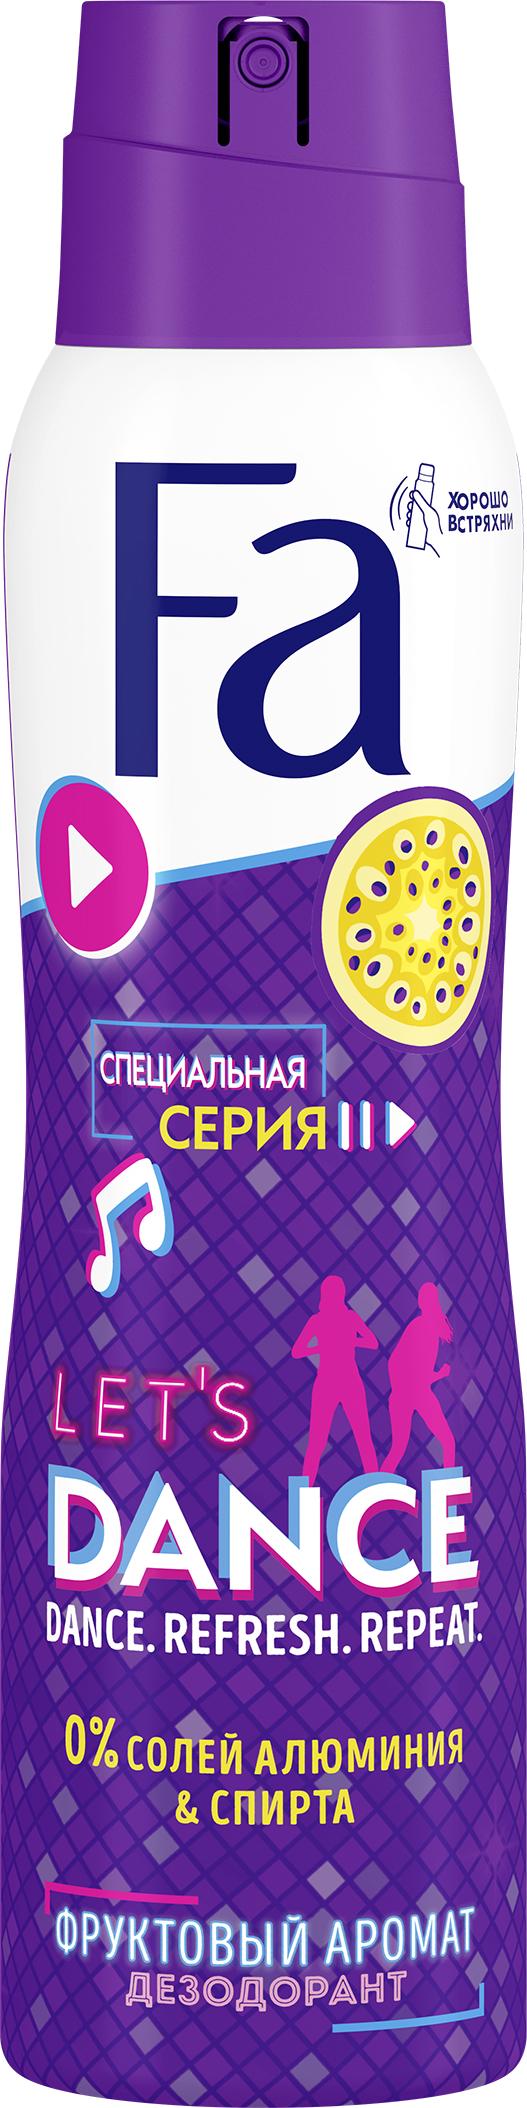 FA LET'S DANCE ДЕЗОДОРАНТ АЭРОЗОЛЬ 150МЛ*12